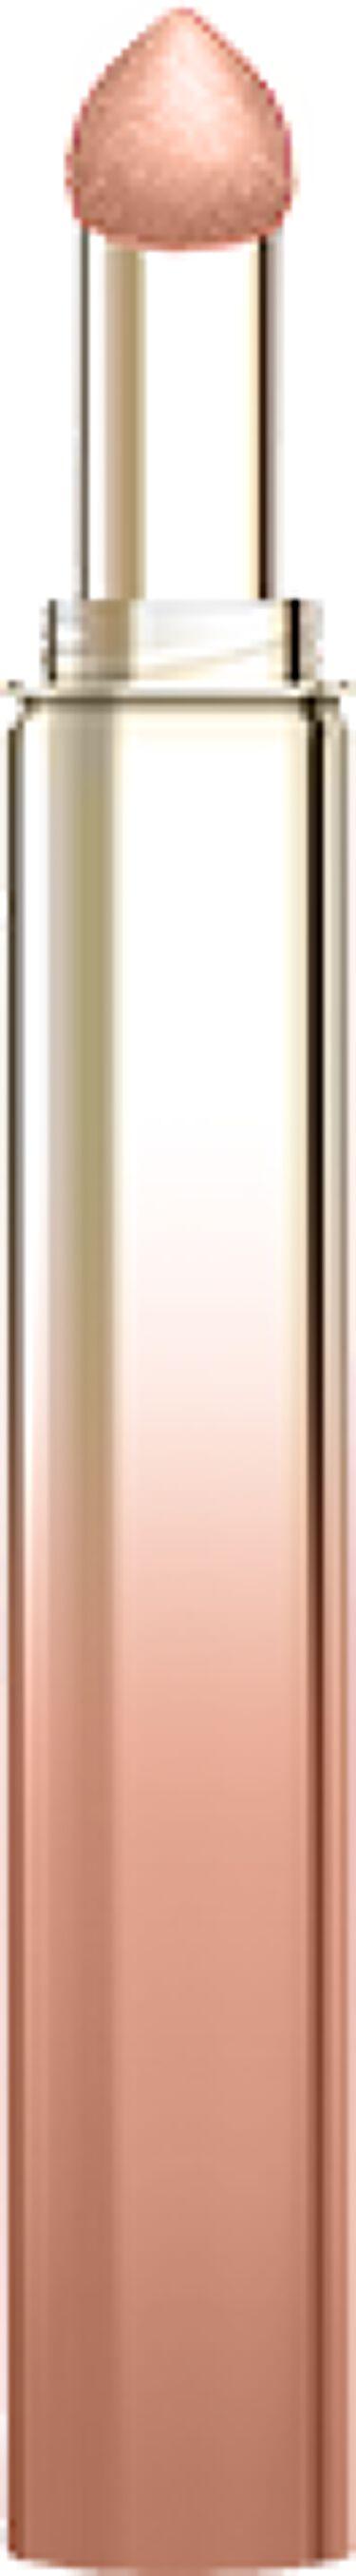 ティント カレス B07 ソフトリリー